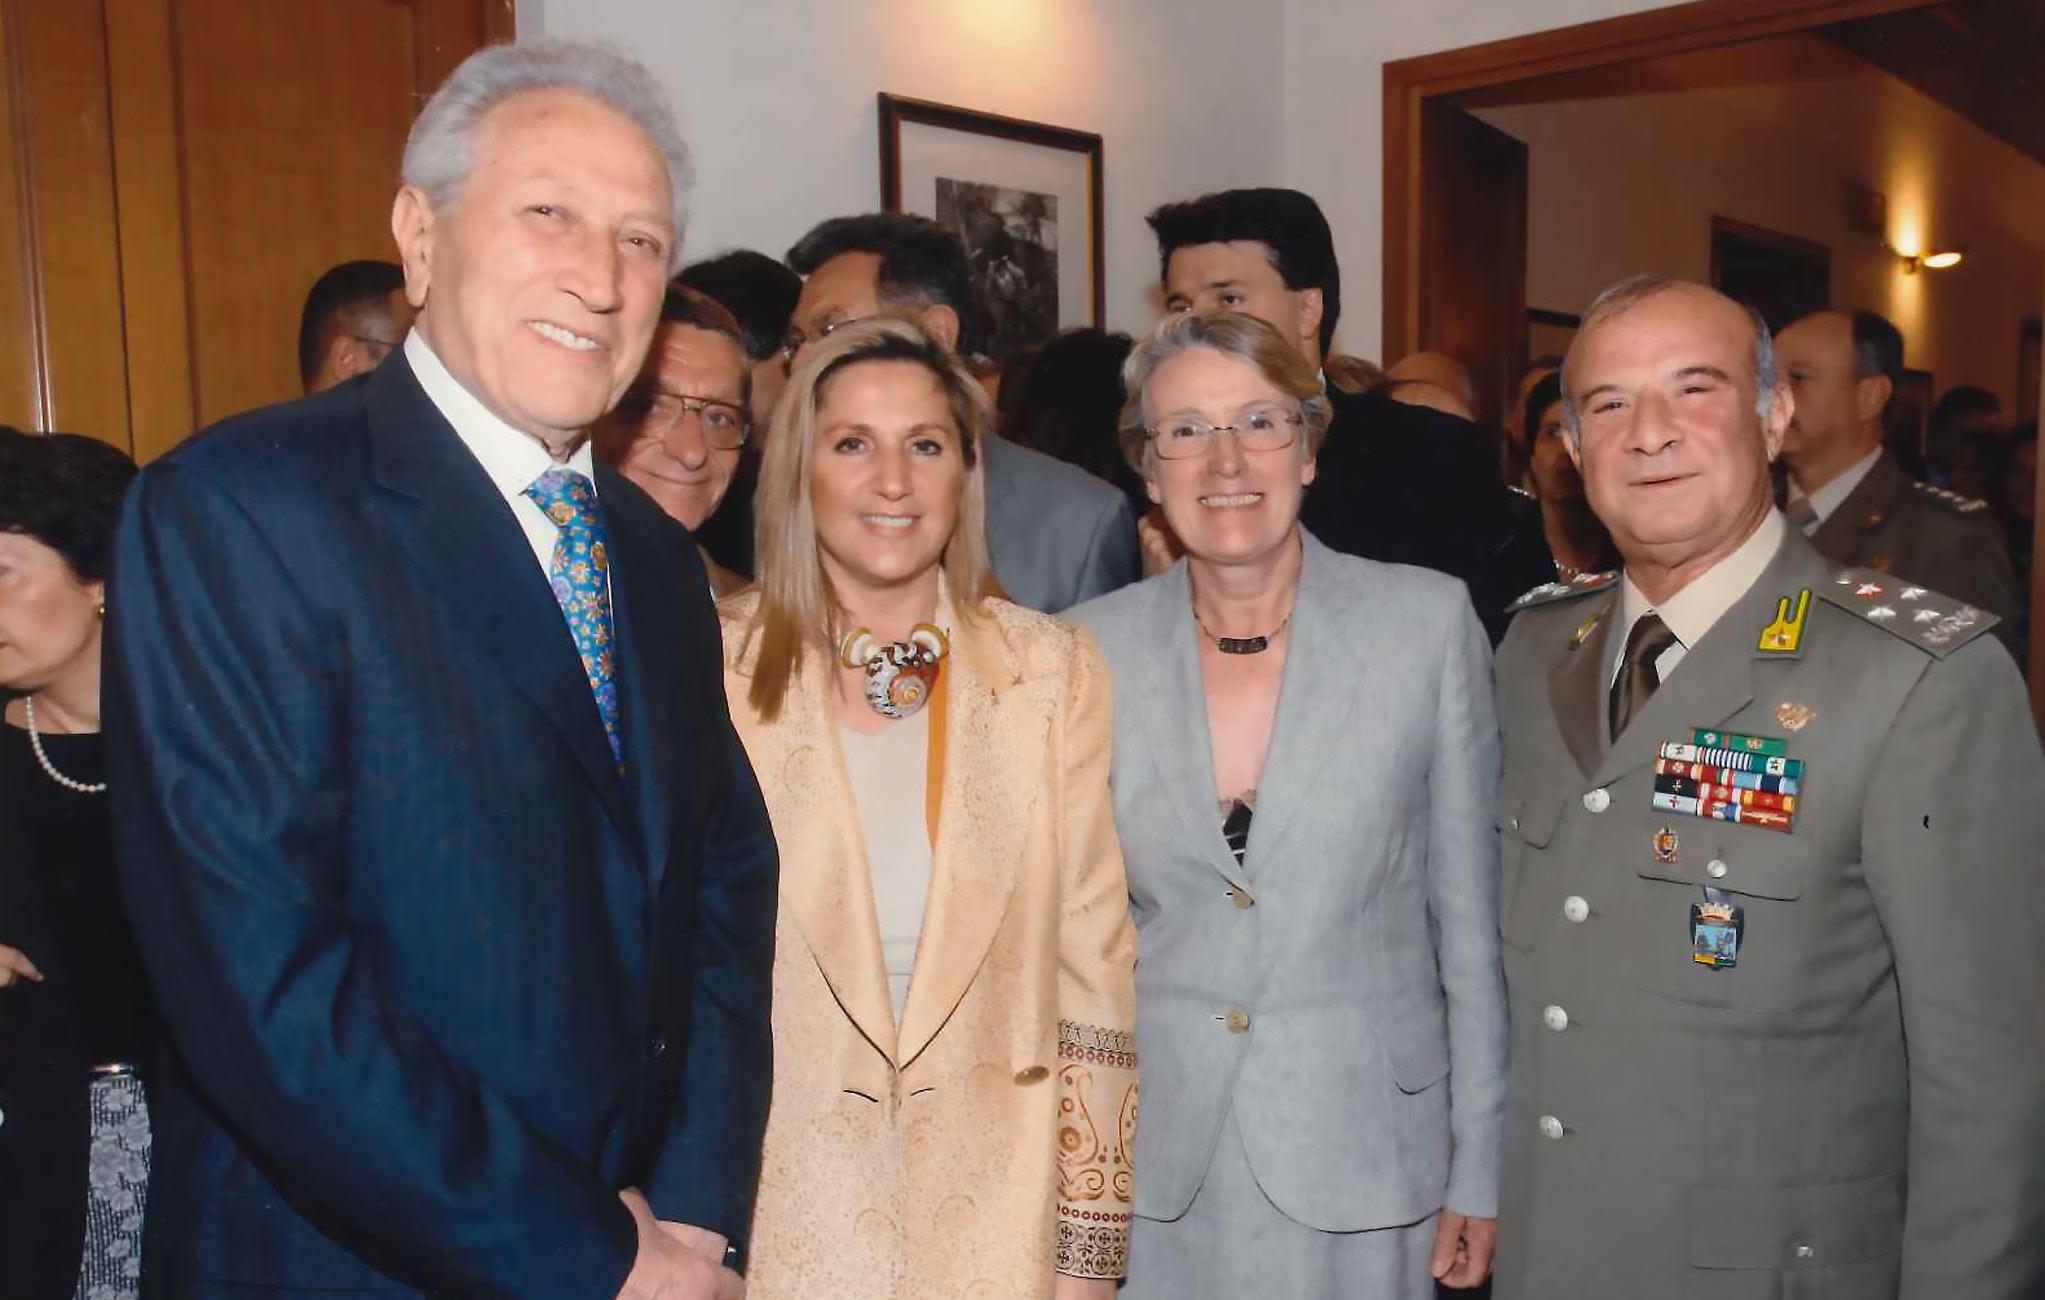 Firenze, Comando Interregionale Guardia di Finanza, 31 maggio 2006 – Generale CA Roberto Speciale, Narciso Parigi e il Console inglese Moira Macfarlane